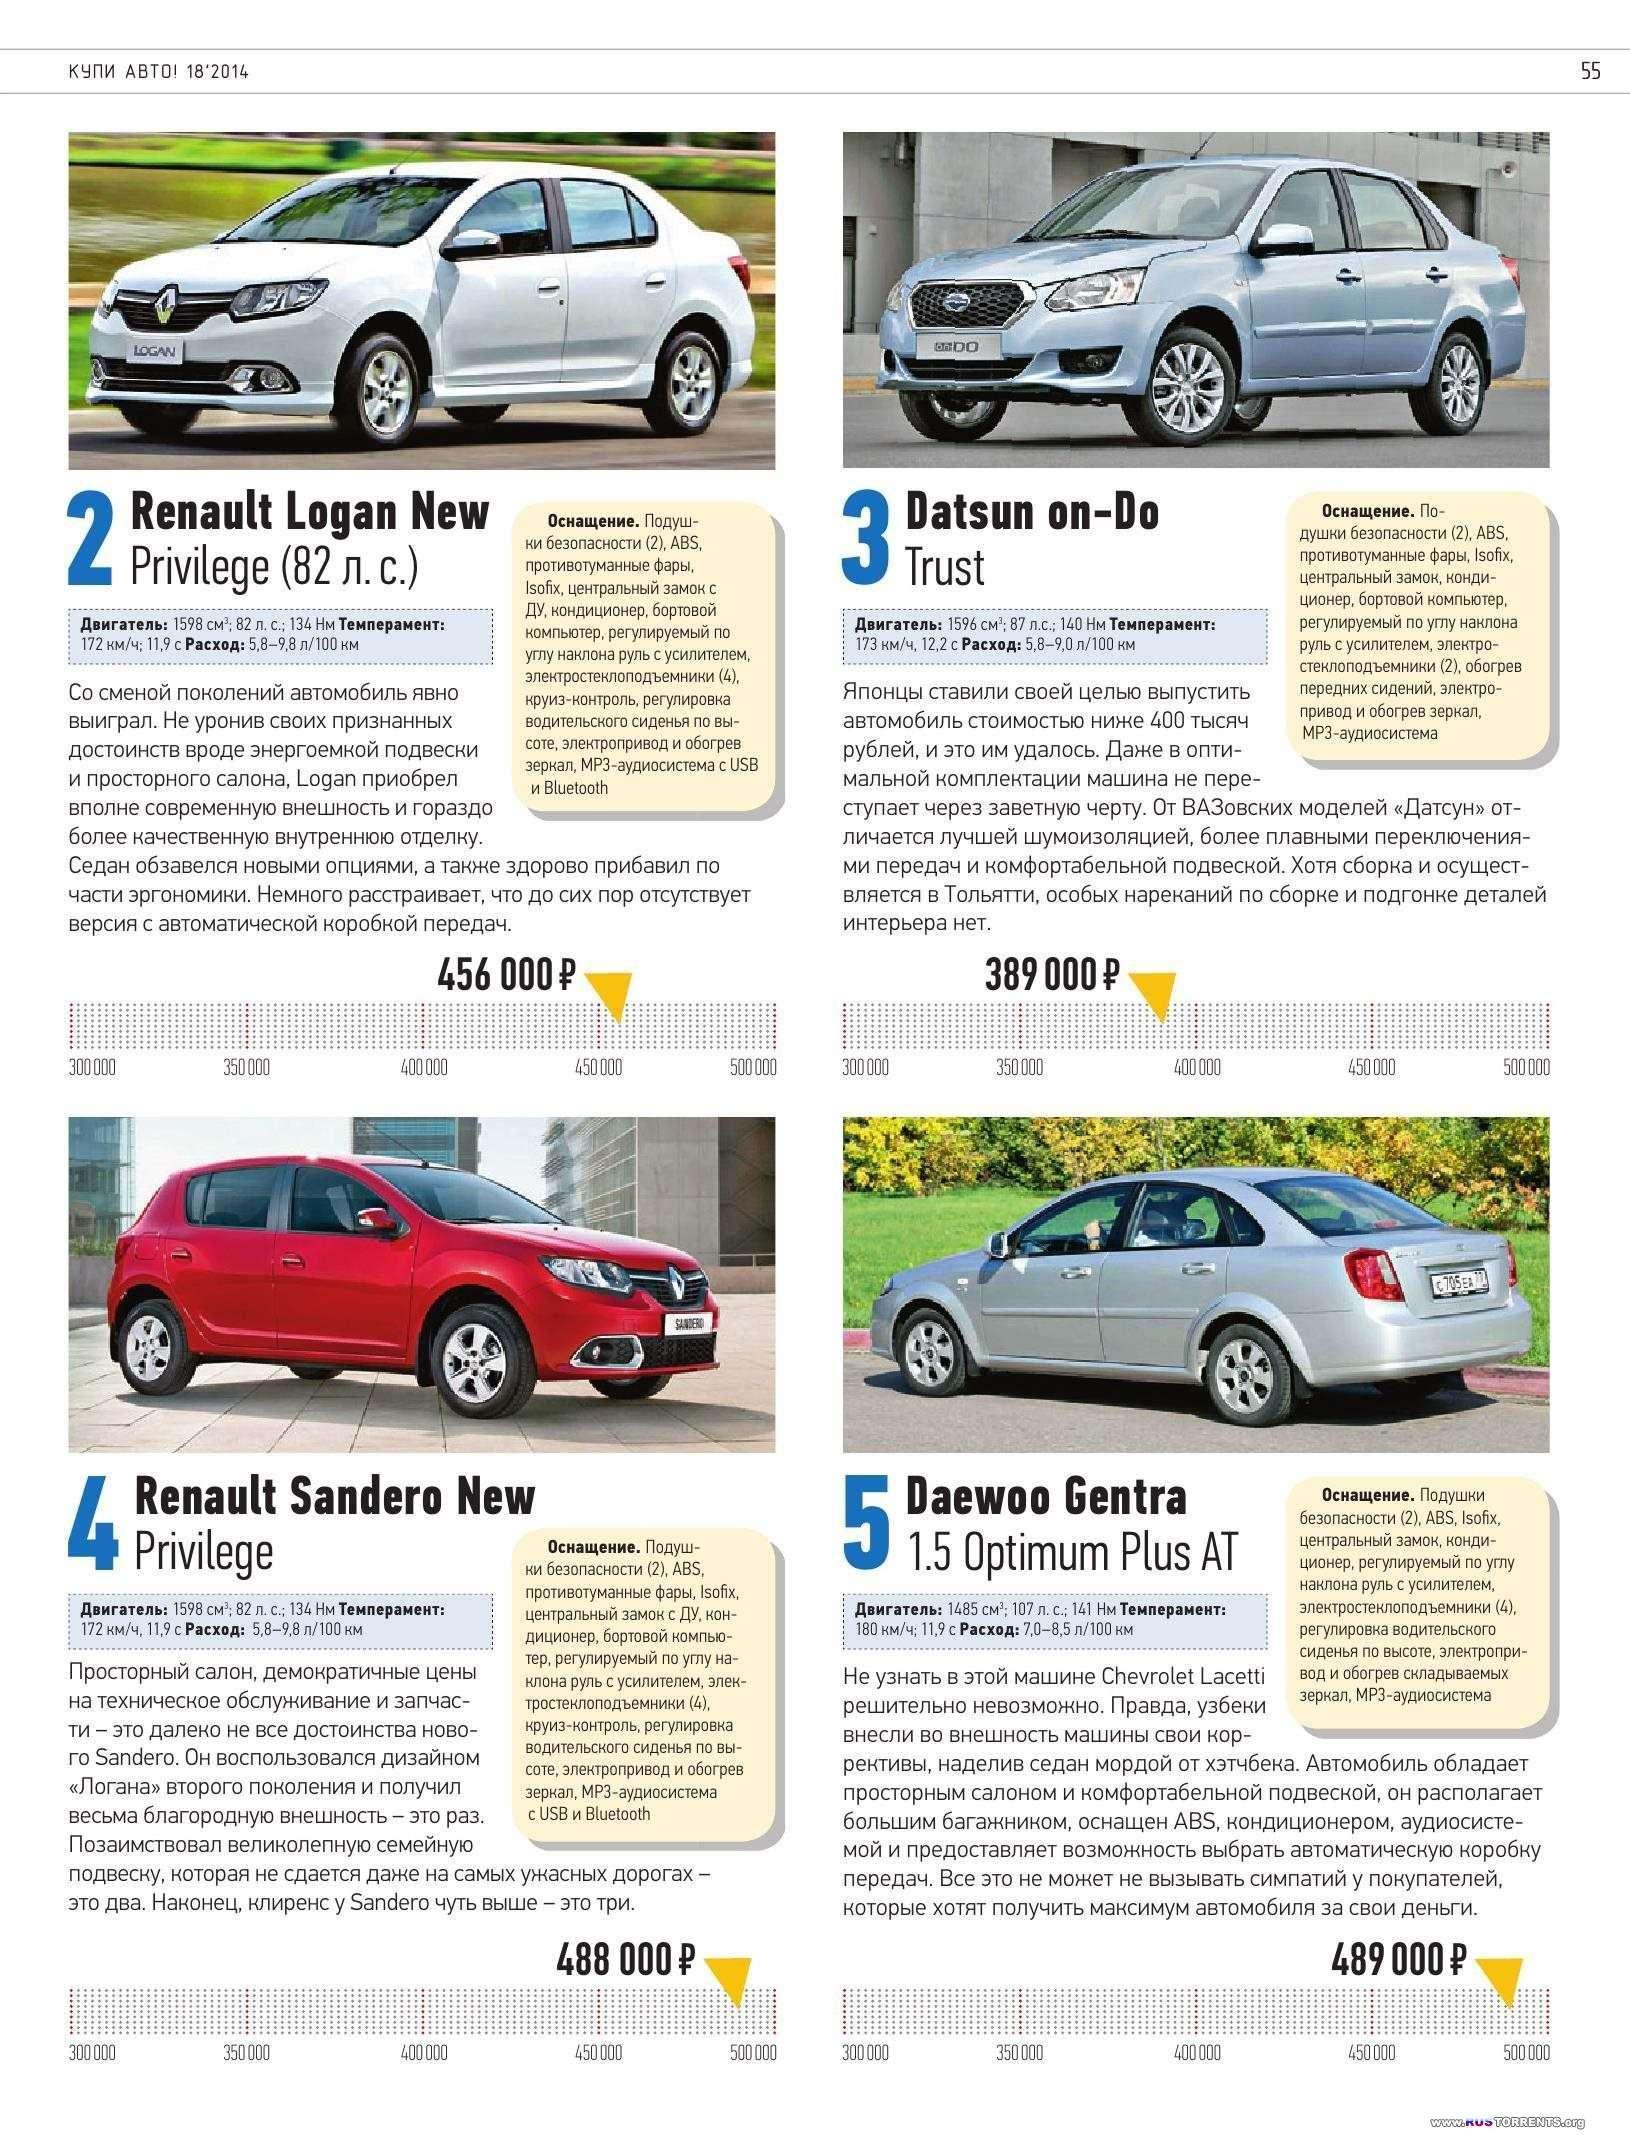 Купи Авто №18 [2014] | PDF